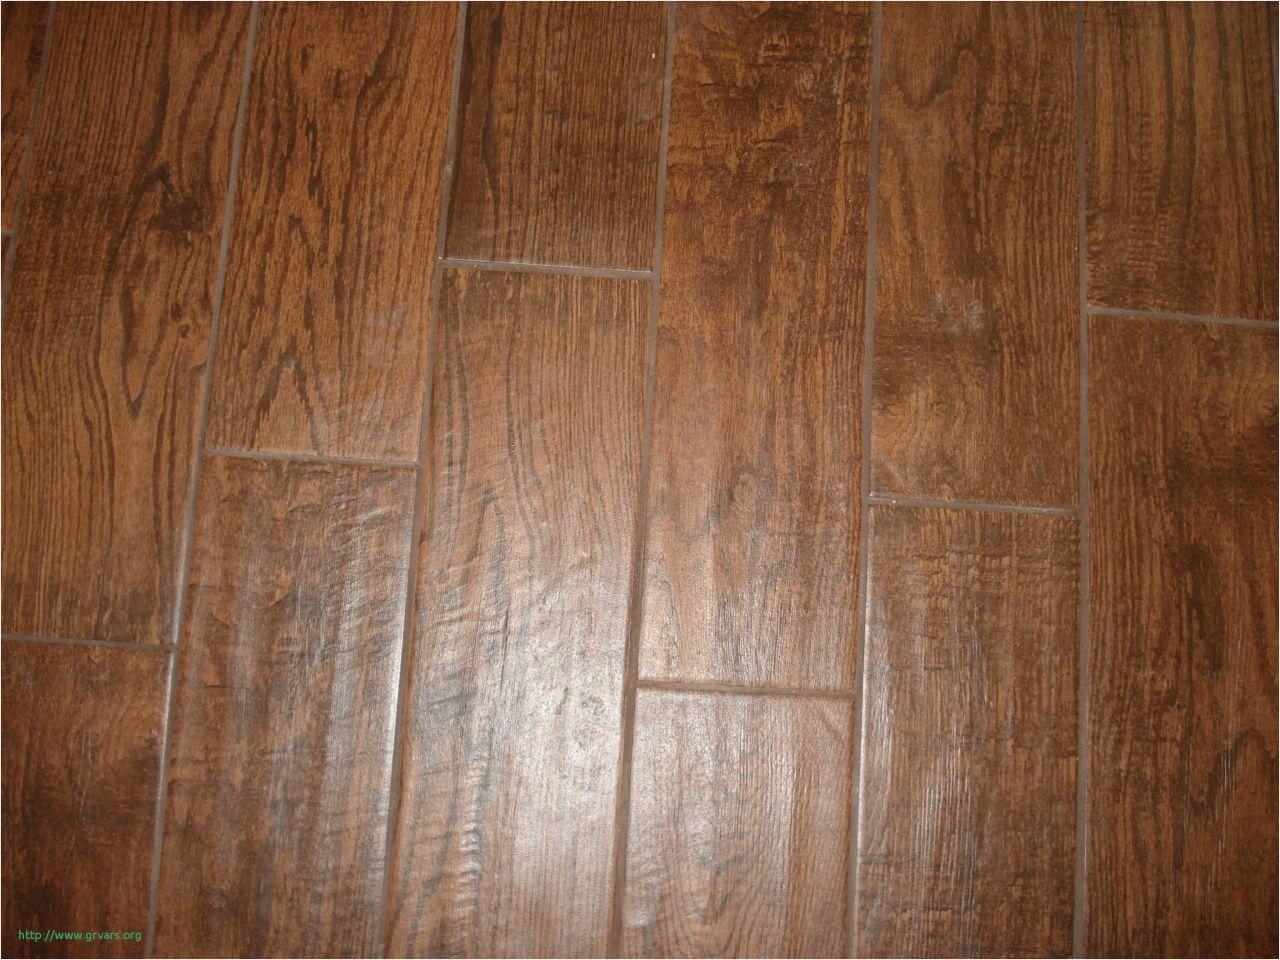 Home Depot Laminate Flooring Prices in 2020 Hardwood